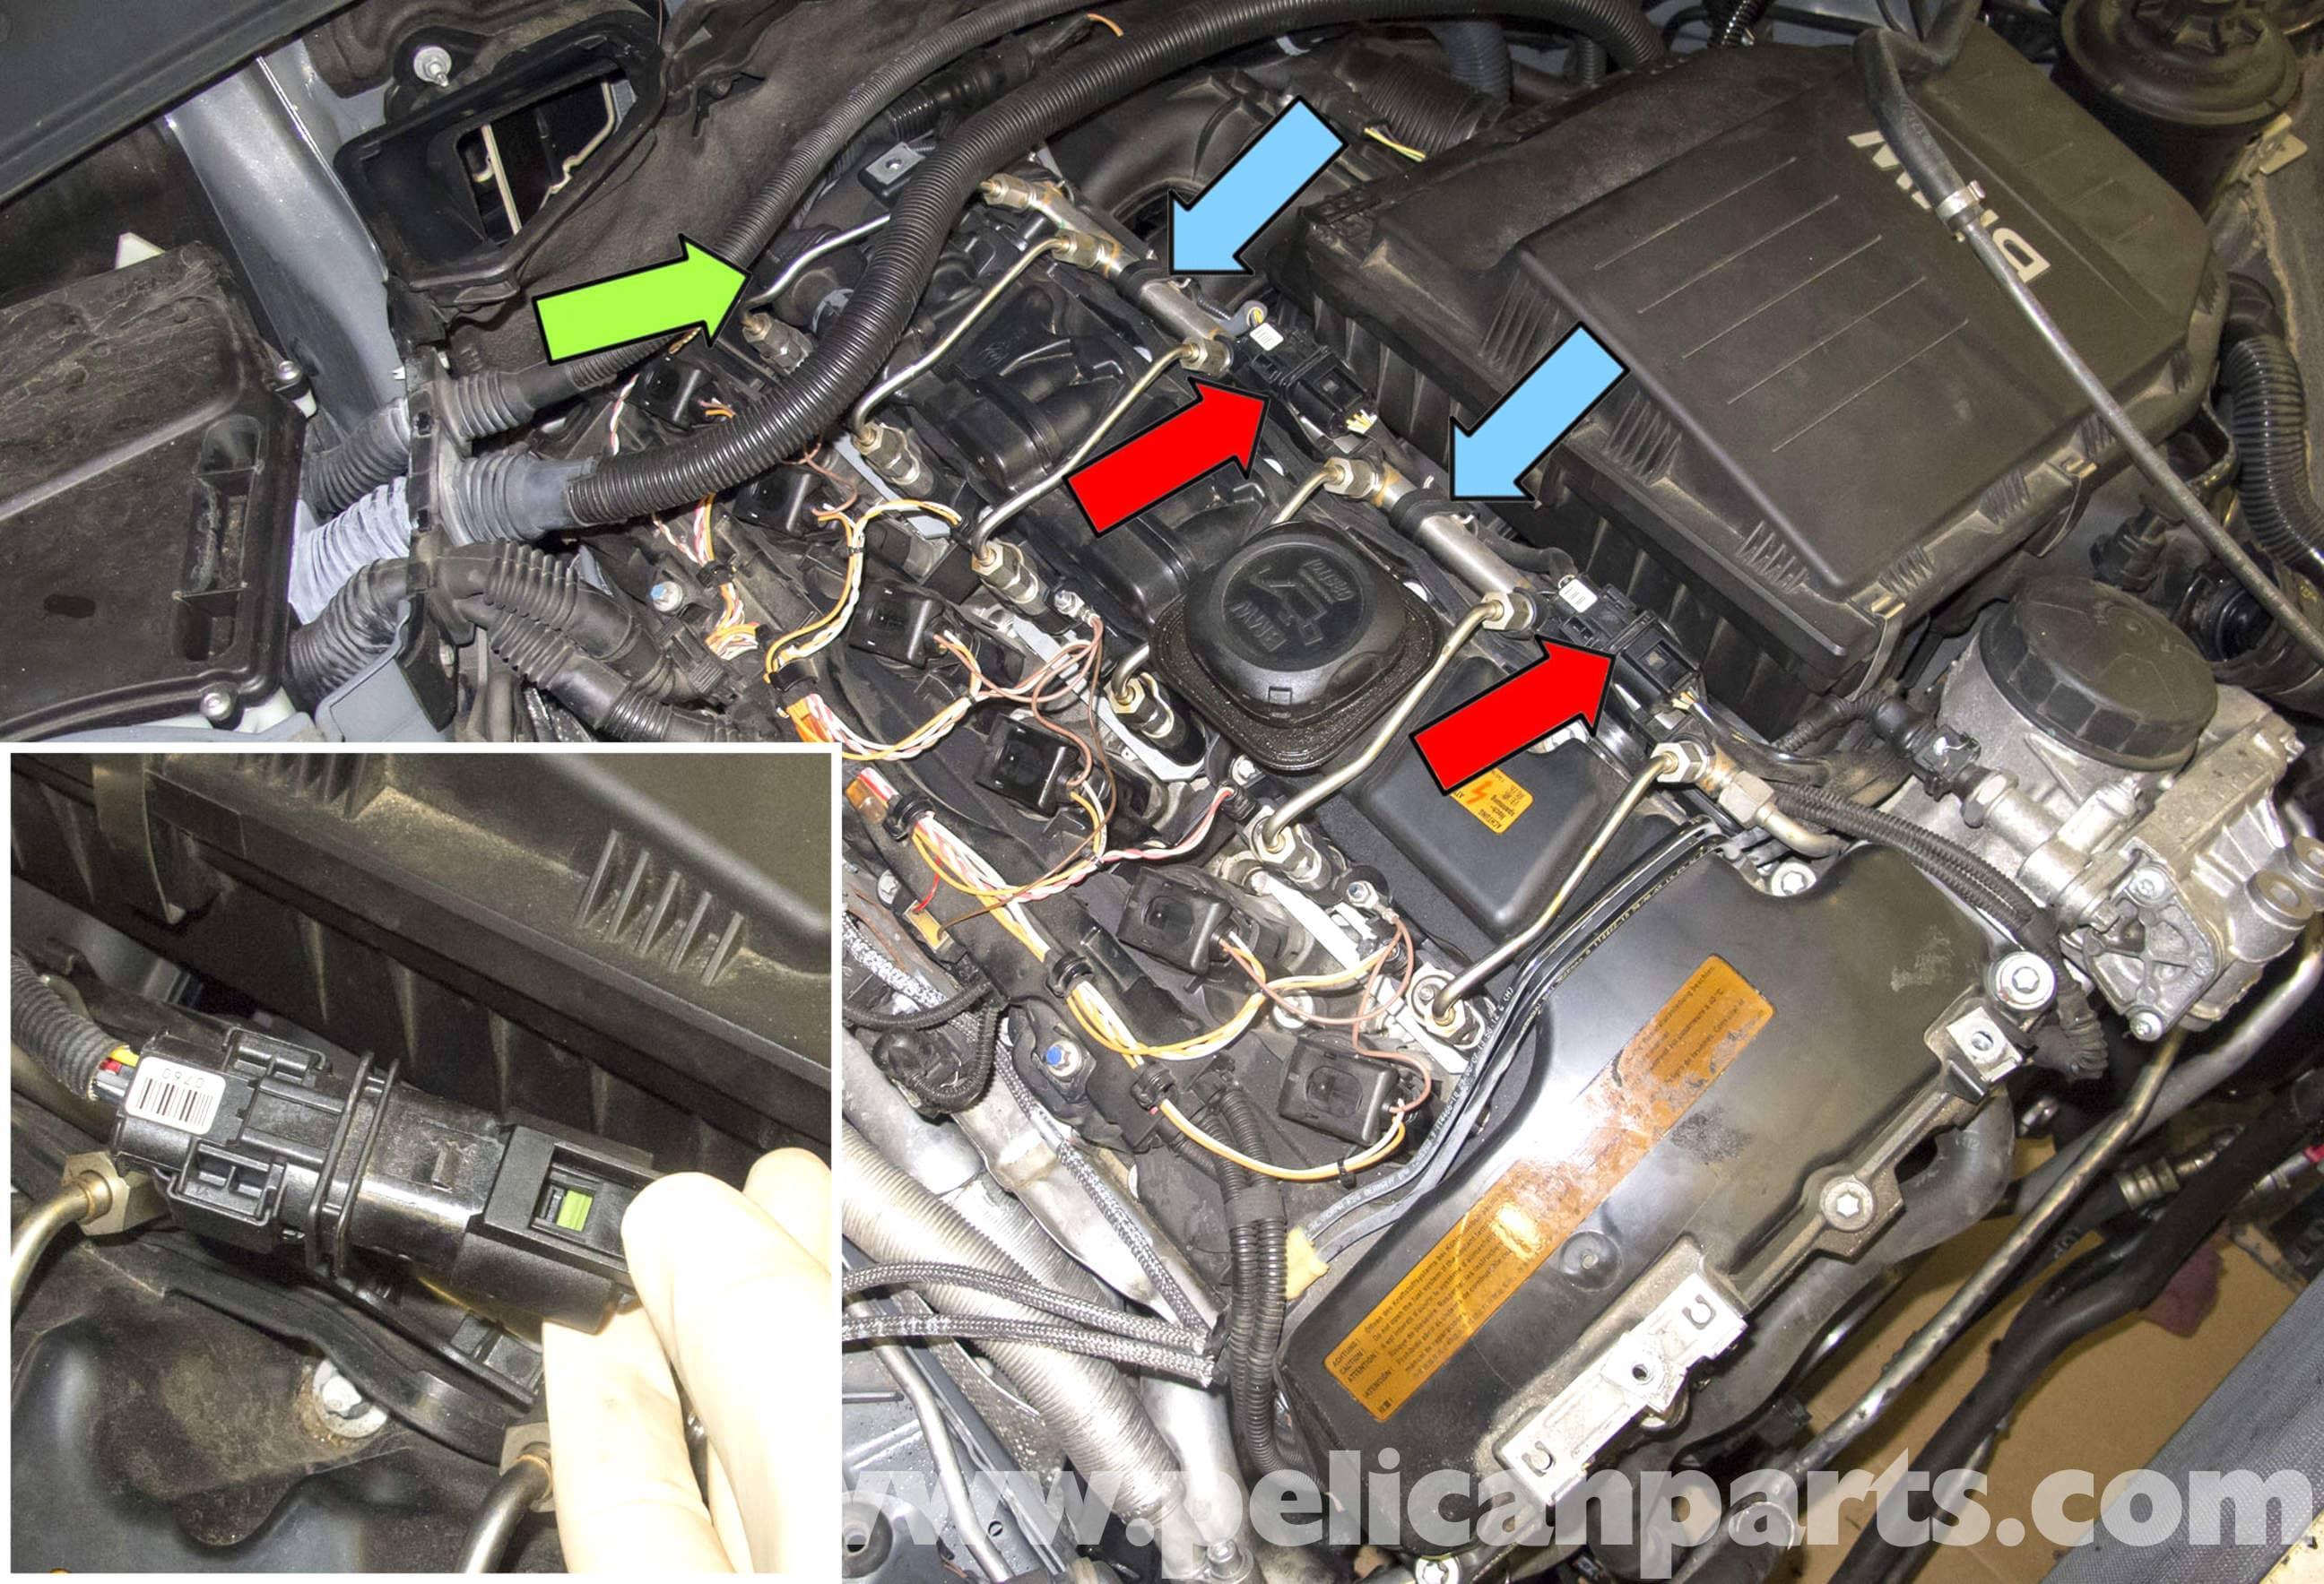 pic05 bmw e46 maf sensors wiring diagrams bmw e46 engine diagram, bmw Mercedes MAF Sensor Engine at crackthecode.co